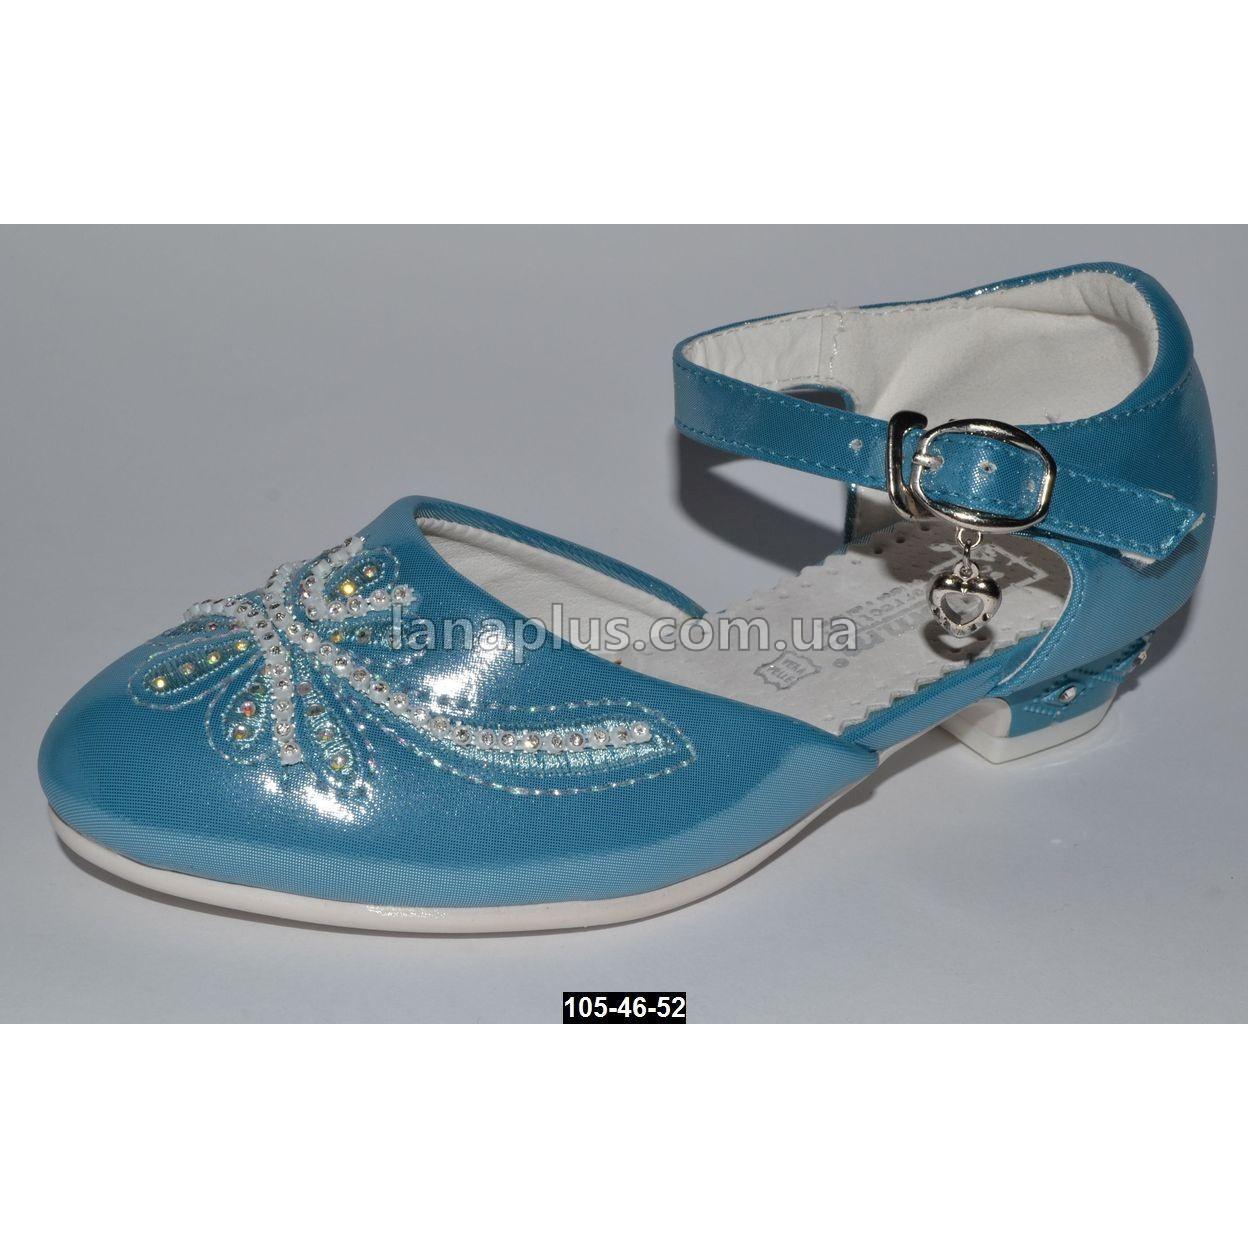 Нарядные туфли Tom.m для девочки 32 размер (20.7 см), праздничные туфельки на утренник